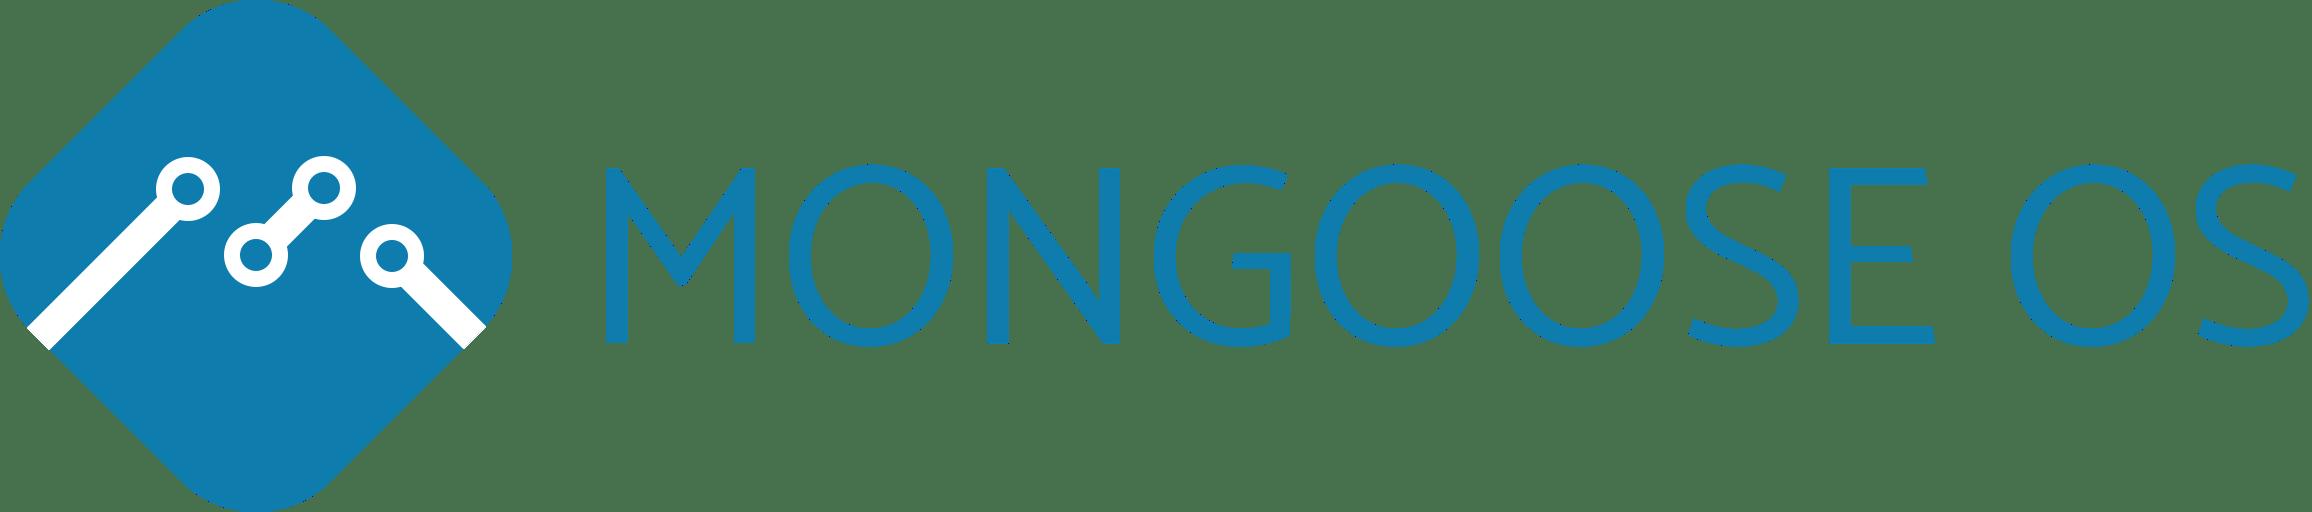 Logo blue mos (1) gkow55hp00